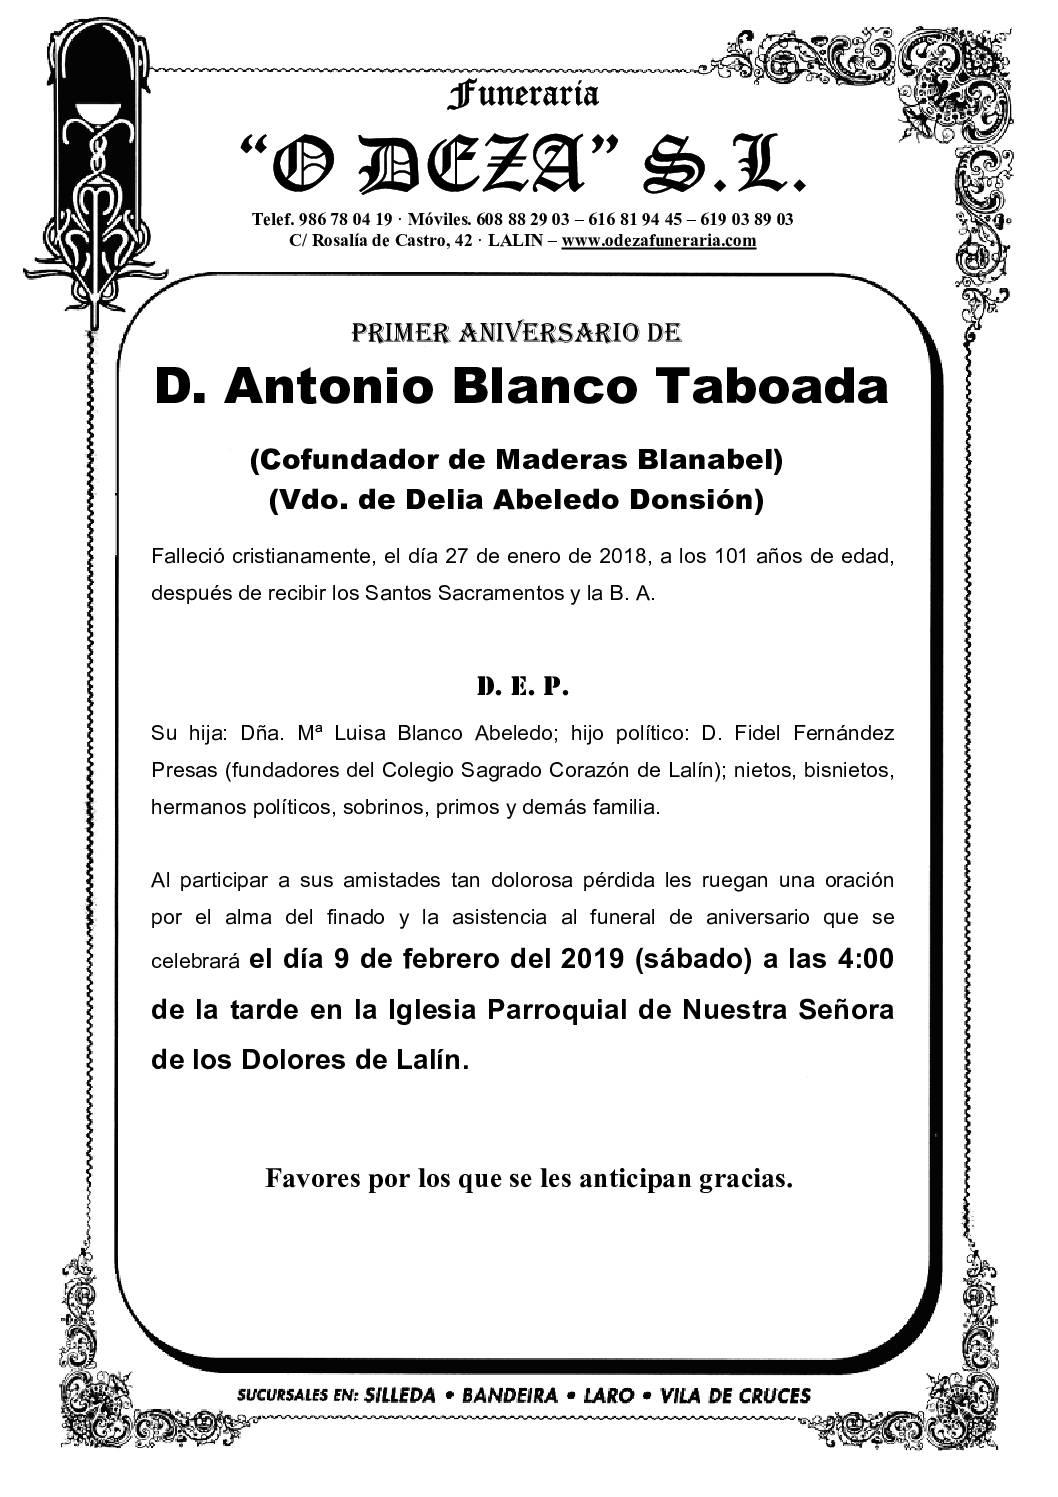 D. ANTONIO BLANCO TABOADA